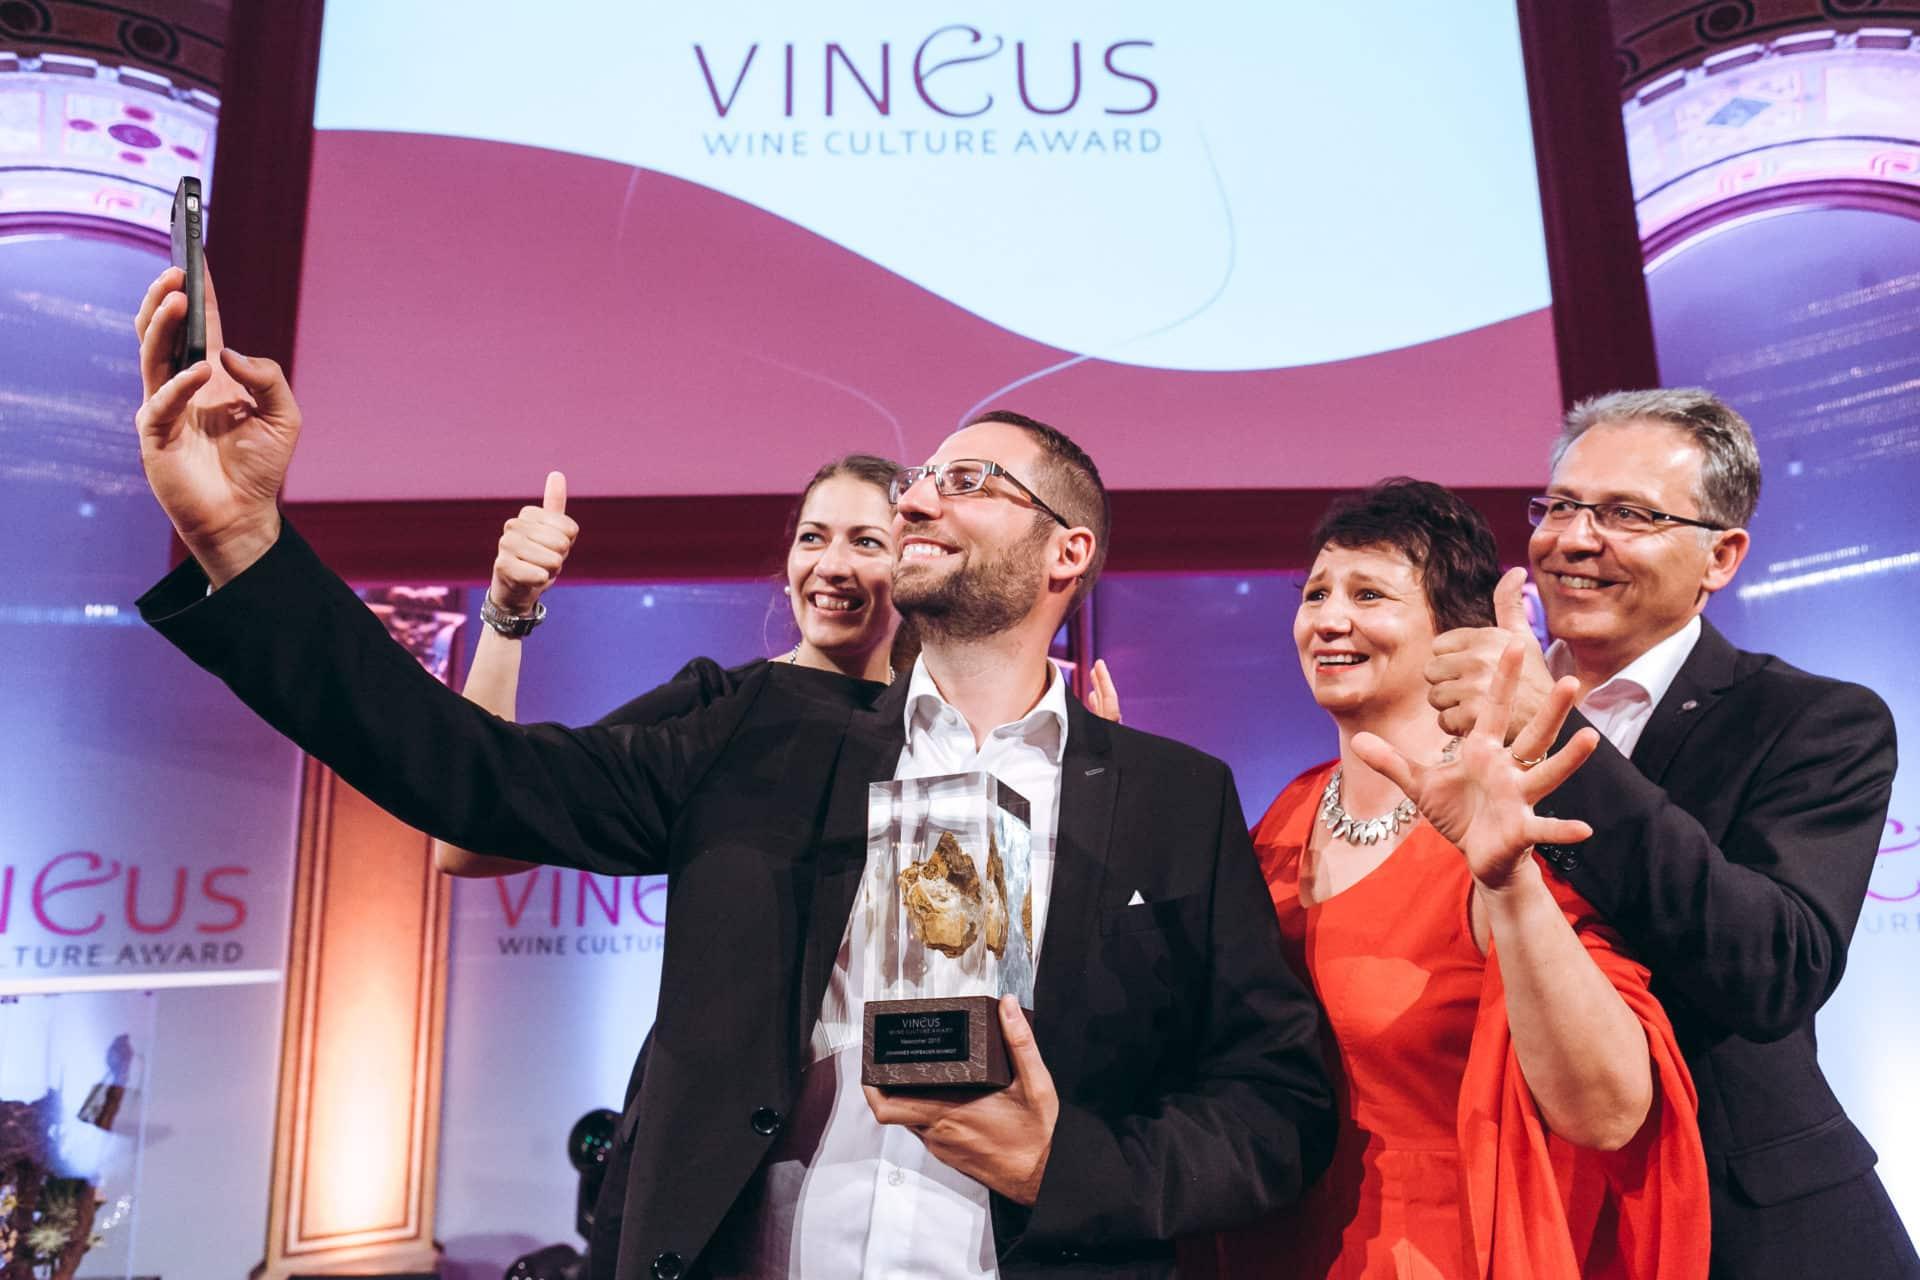 Familie Hofbauer-Schmidt freut sich über Vineus Auszeichnung